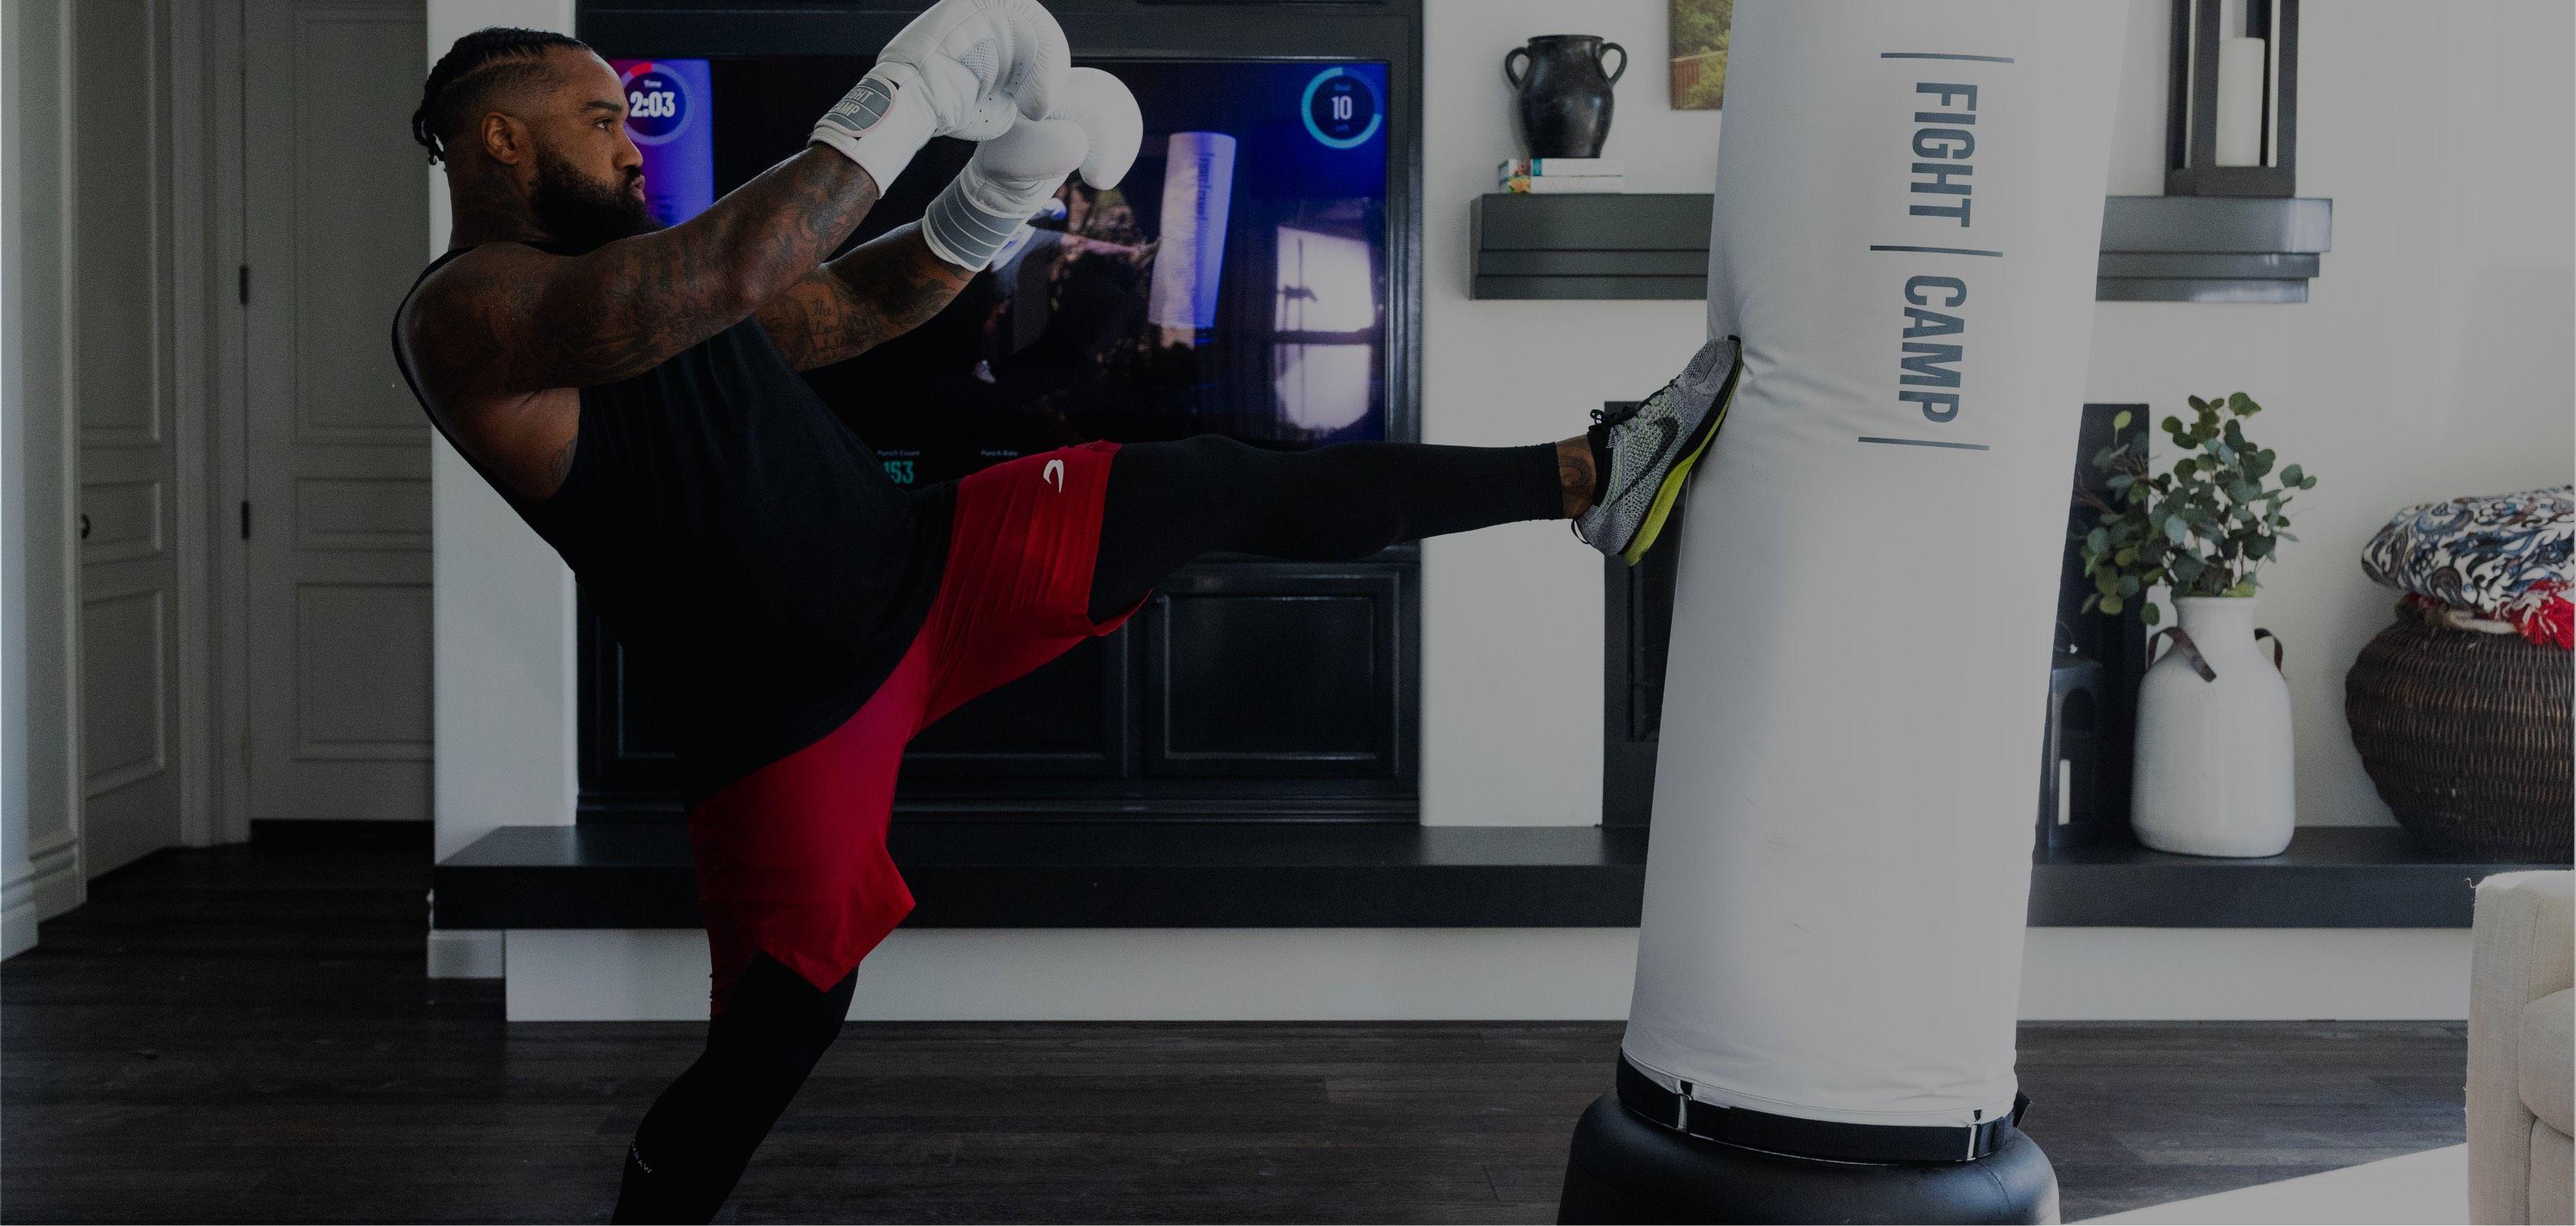 Man kicking free standing punching bag kickboxing